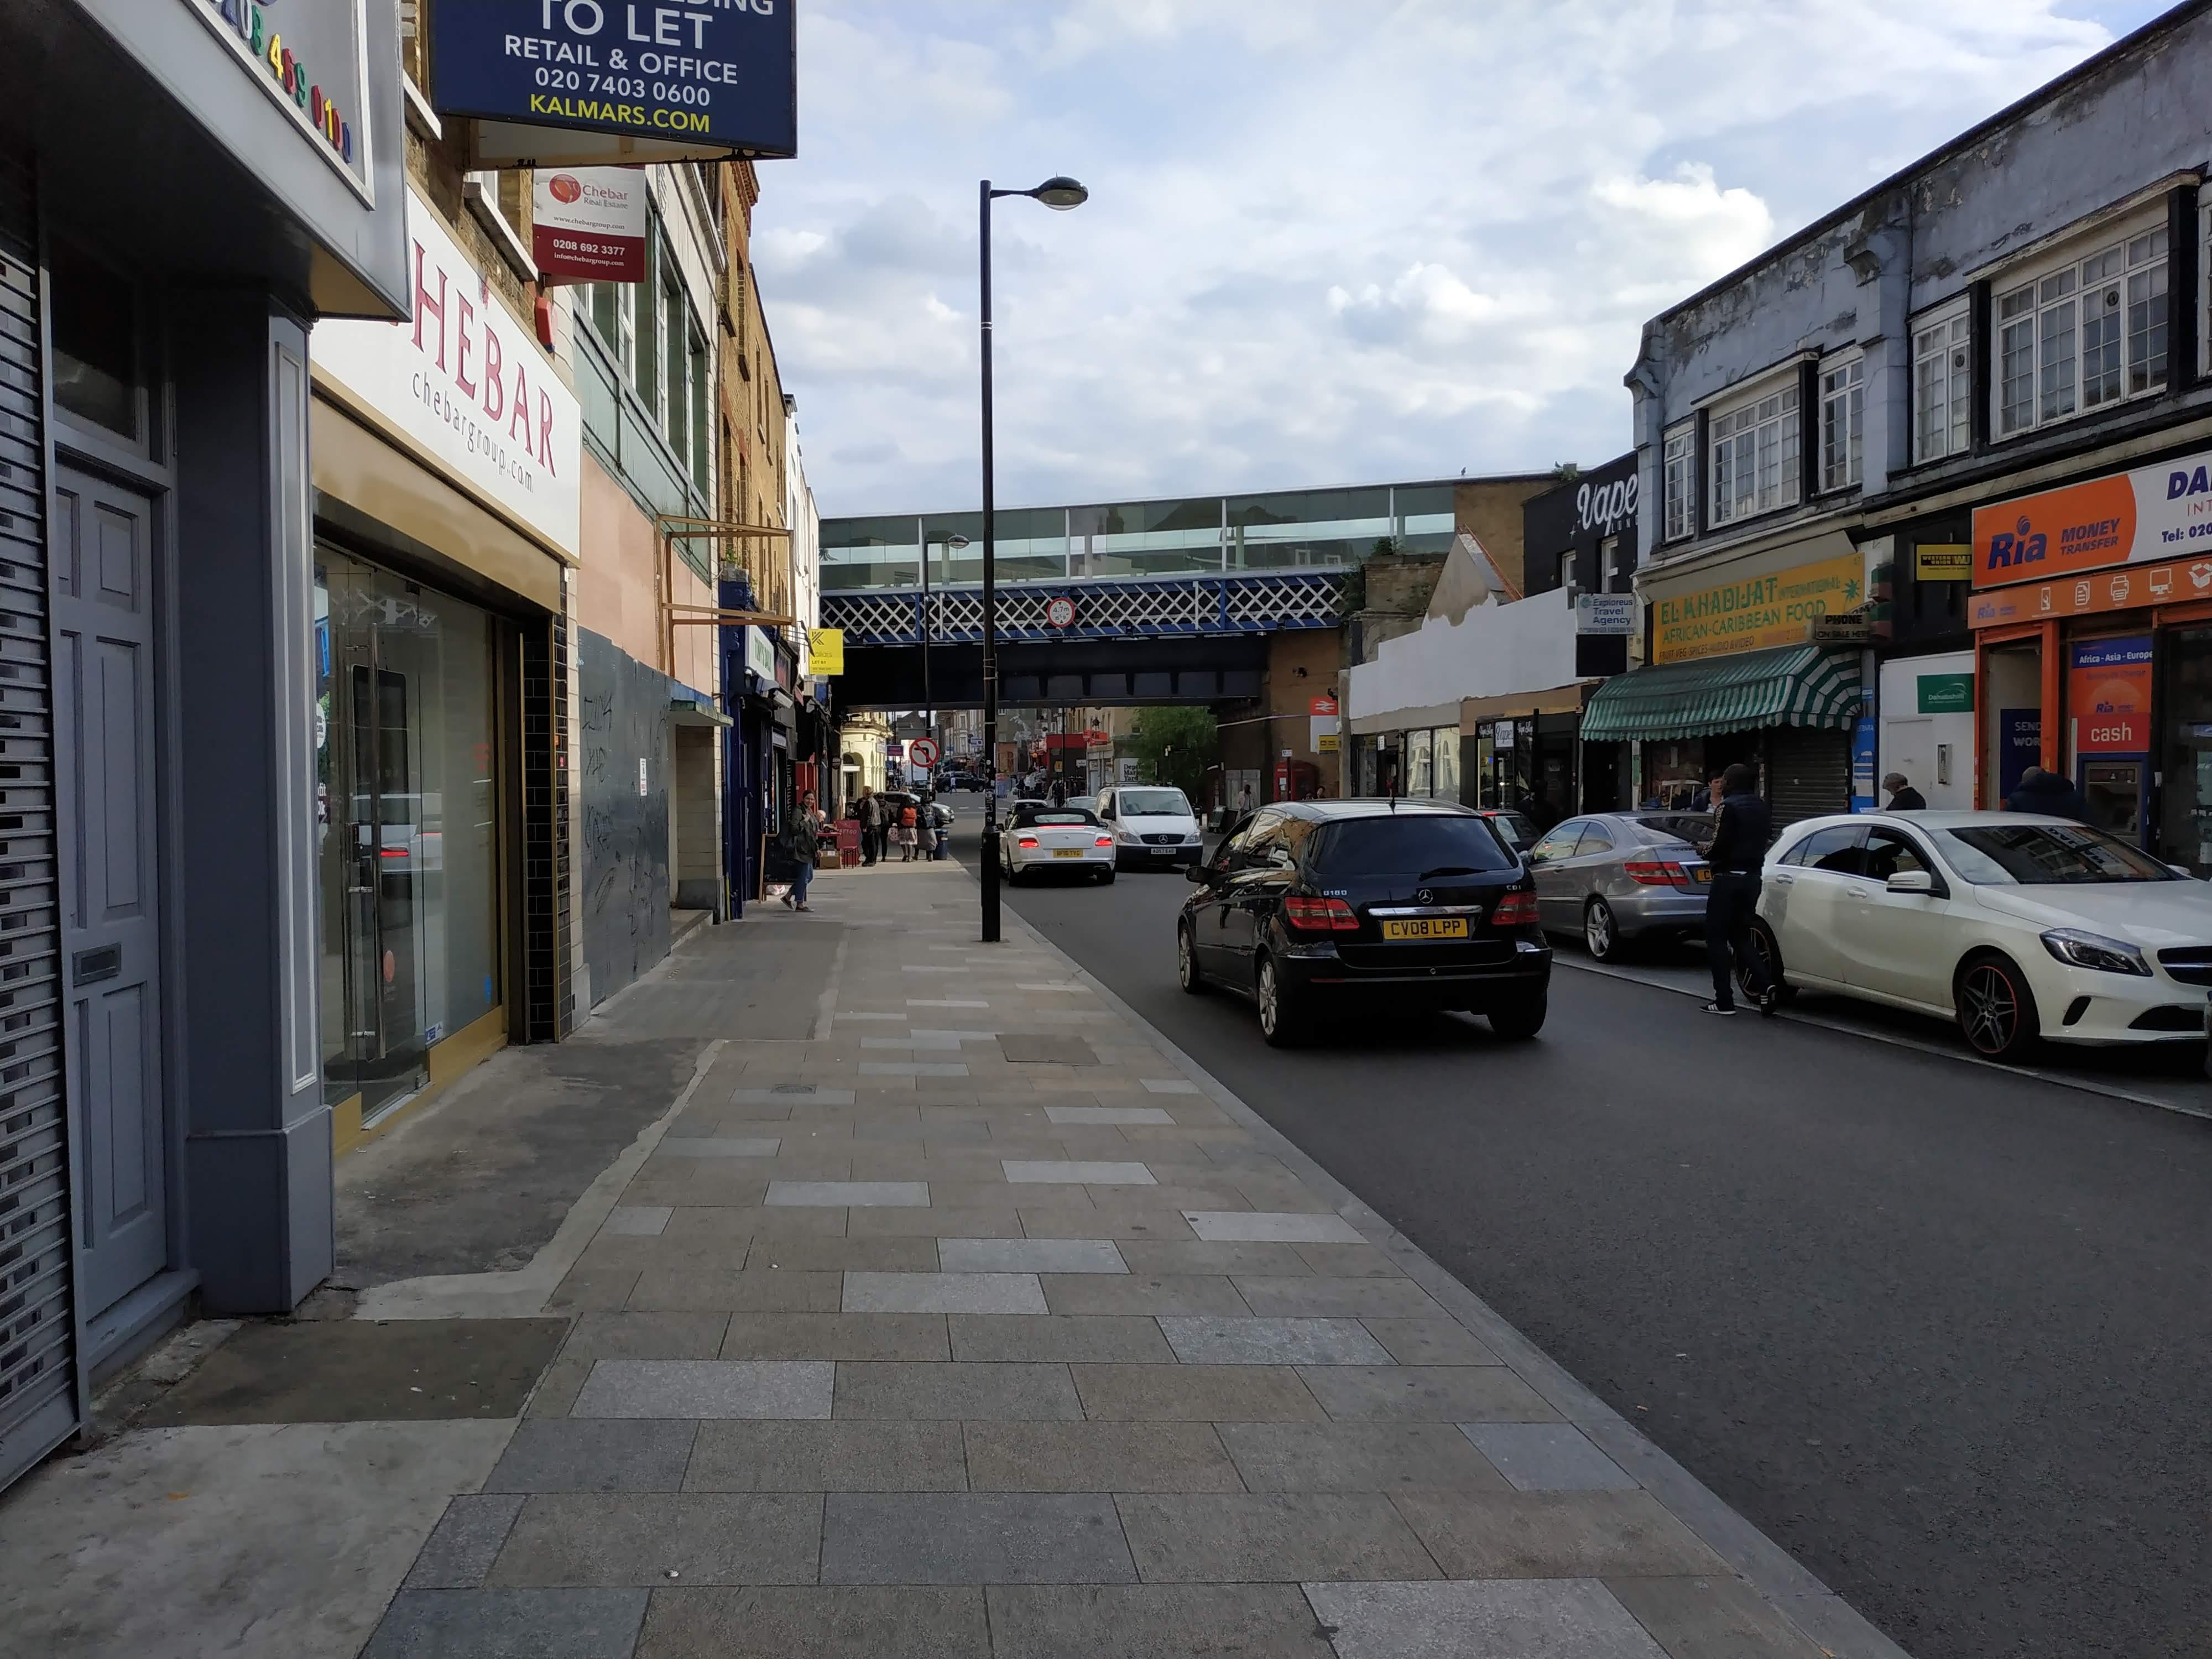 Man stabbed on Deptford High Street after large fight